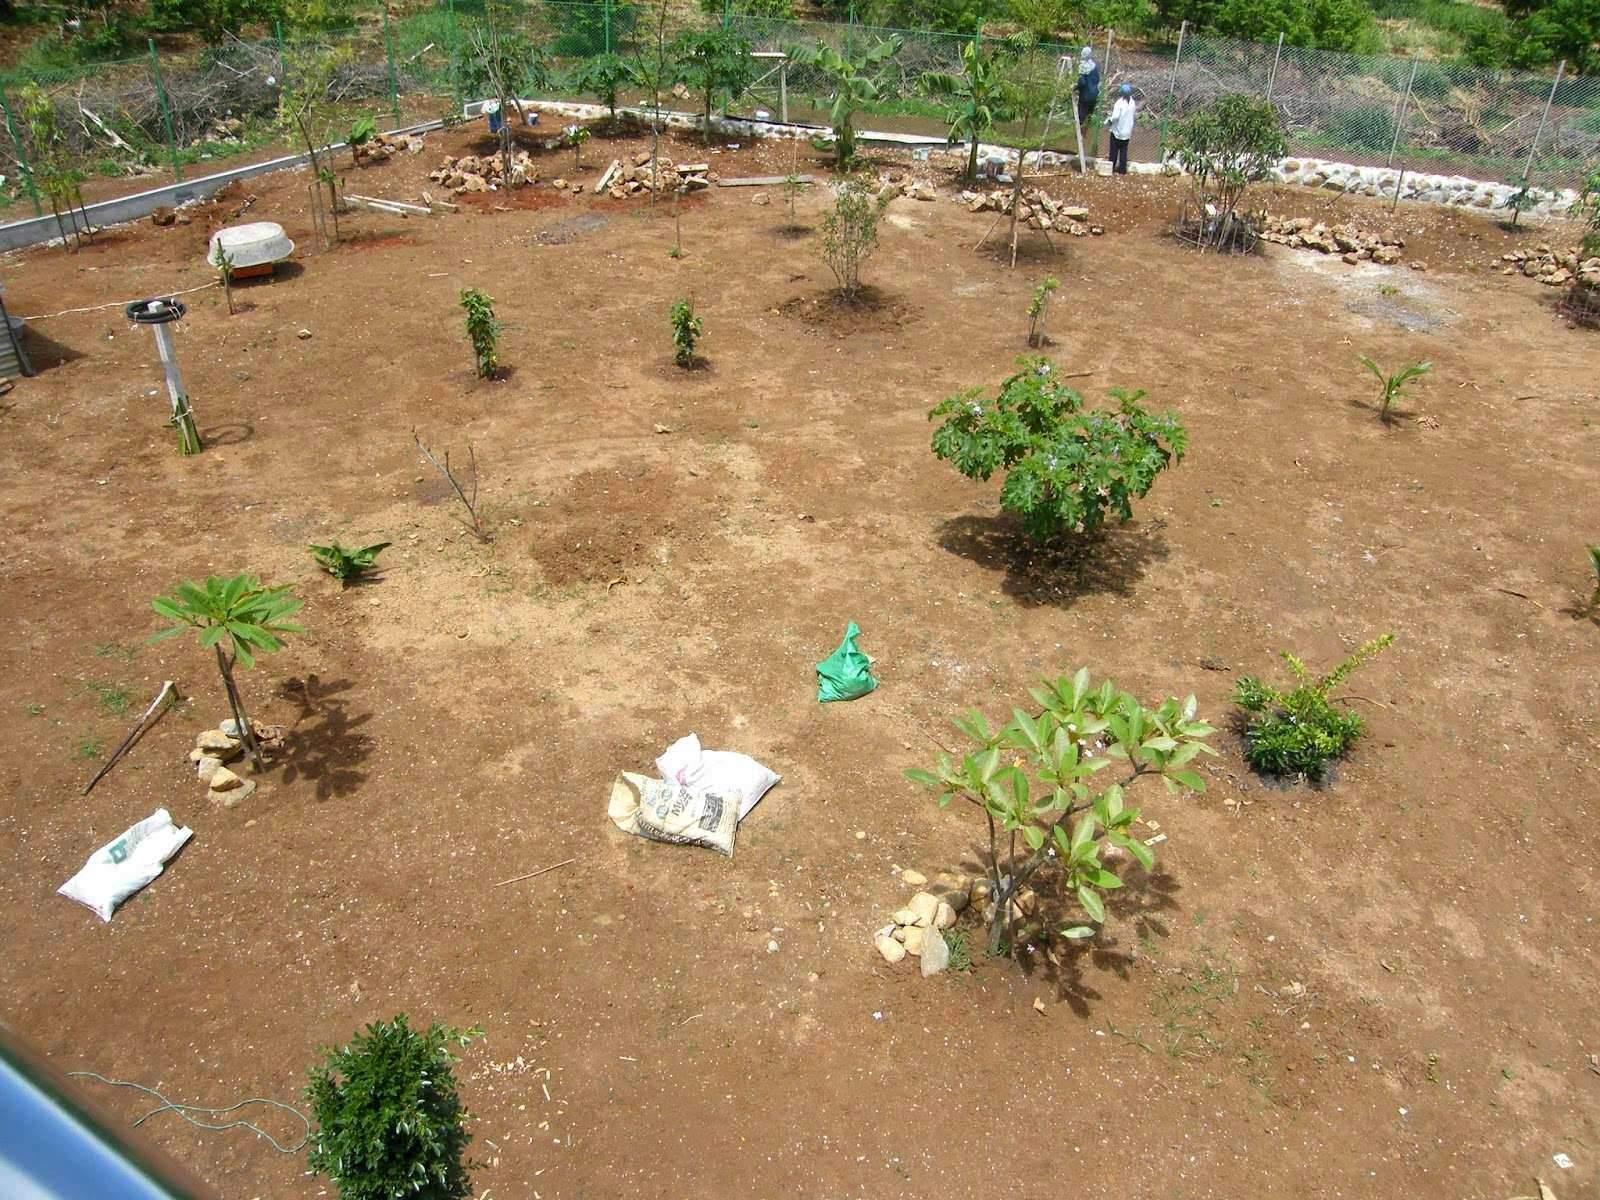 gartengestaltung ideen vorgarten reizend 50 inspirierend garten ideen terrasse of gartengestaltung ideen vorgarten